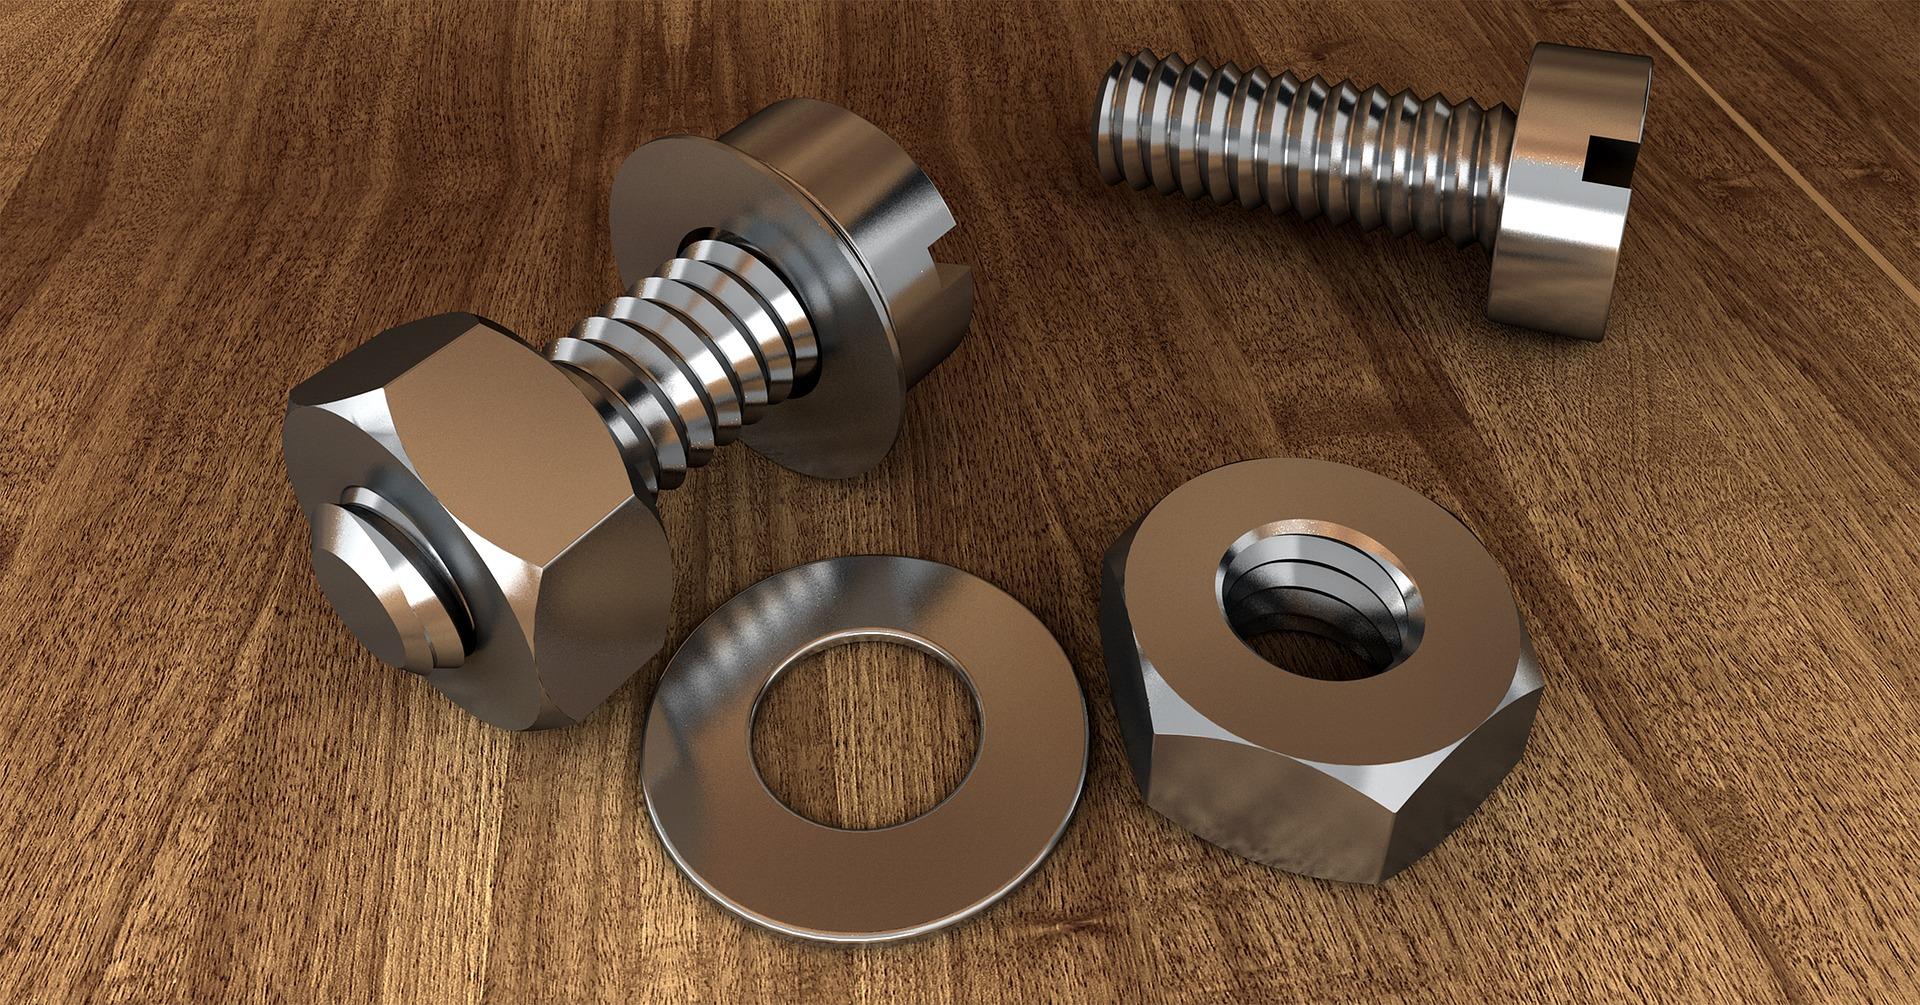 Вчені розробили метод 3D-друку сплавів металів